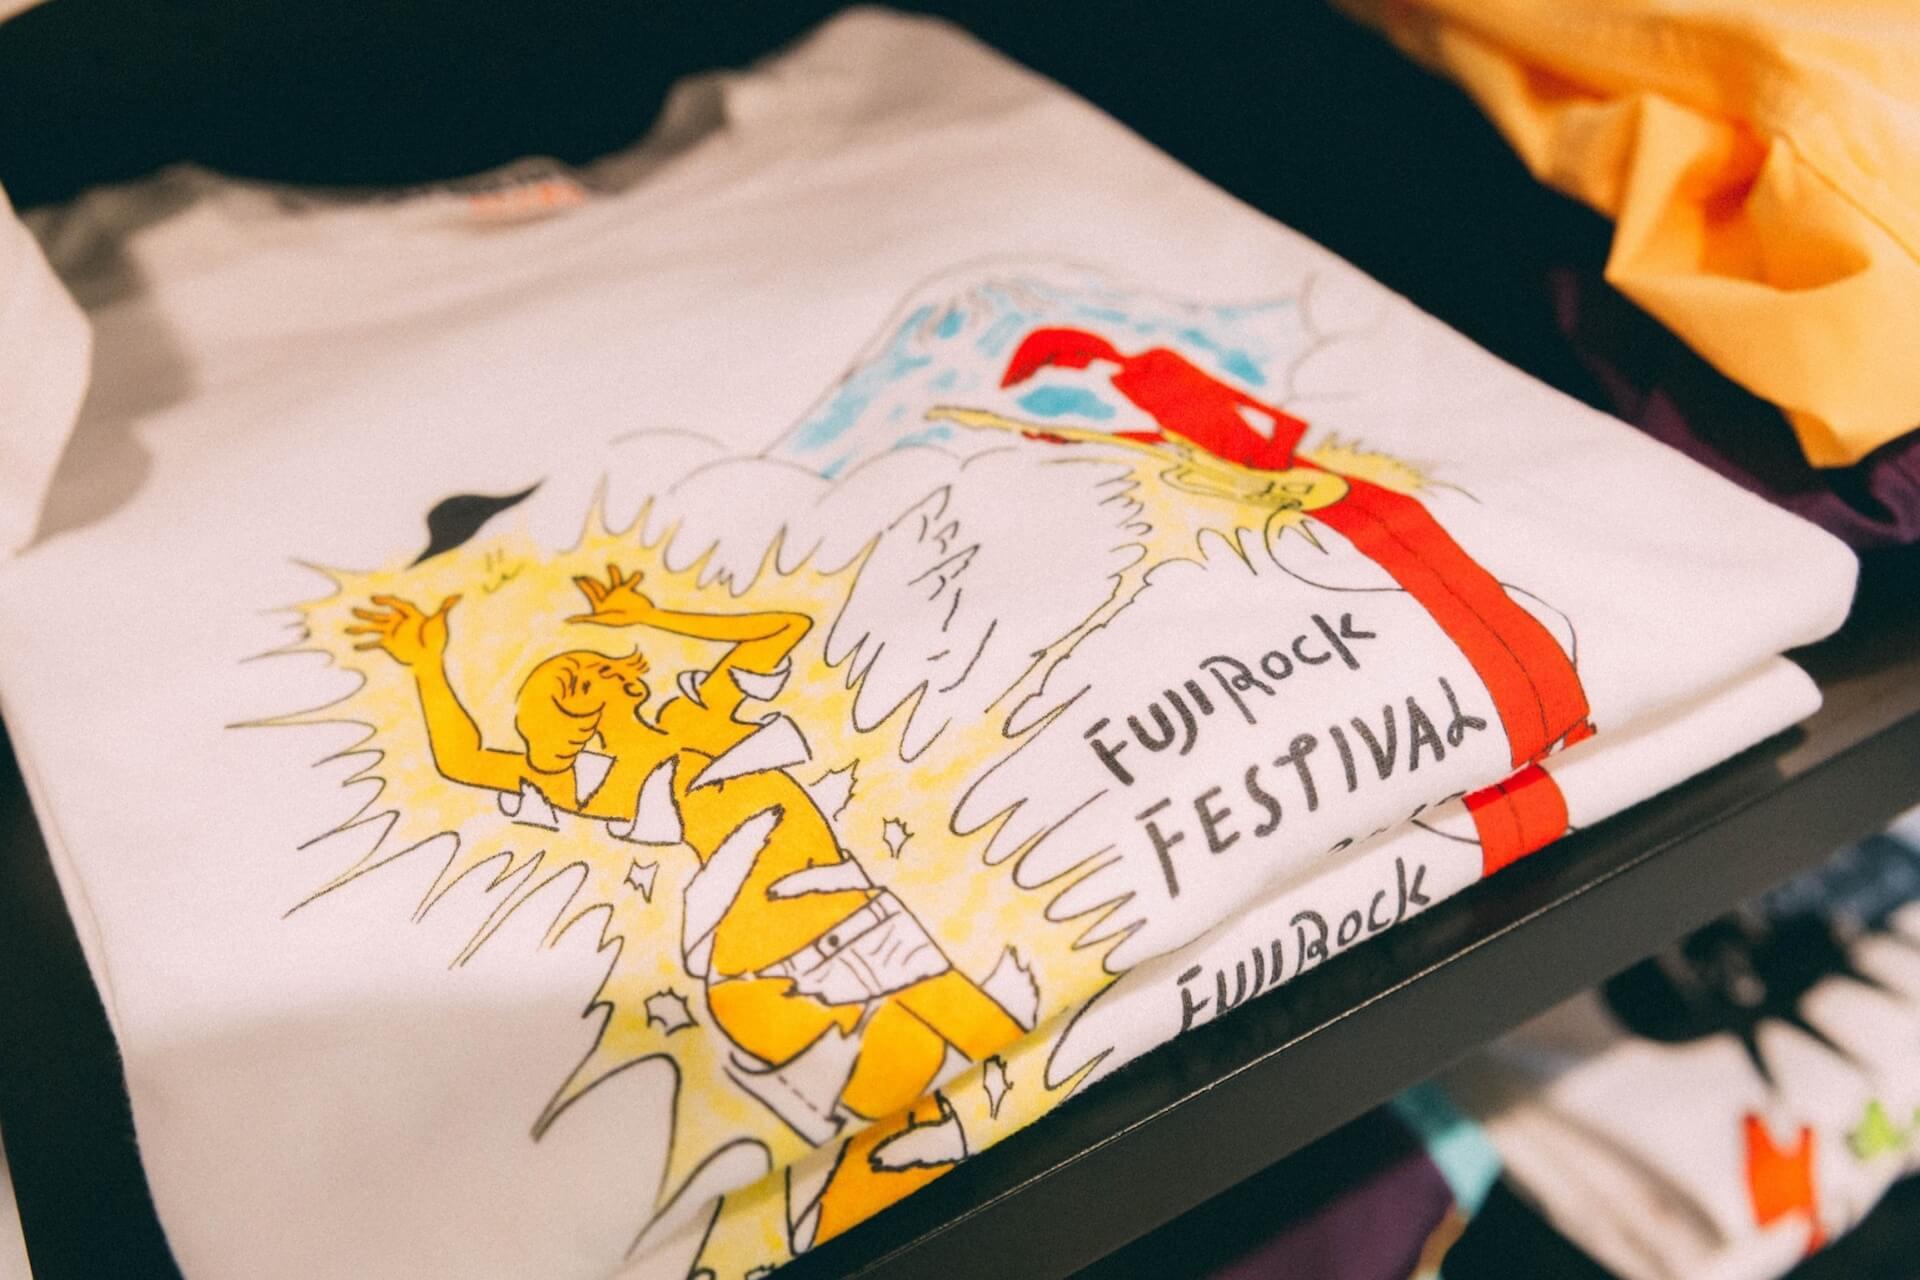 【初心者も必見】夏フェスファッションとおすすめフェスアイテム紹介 life-fashion190712-summer-festival-fashion-14